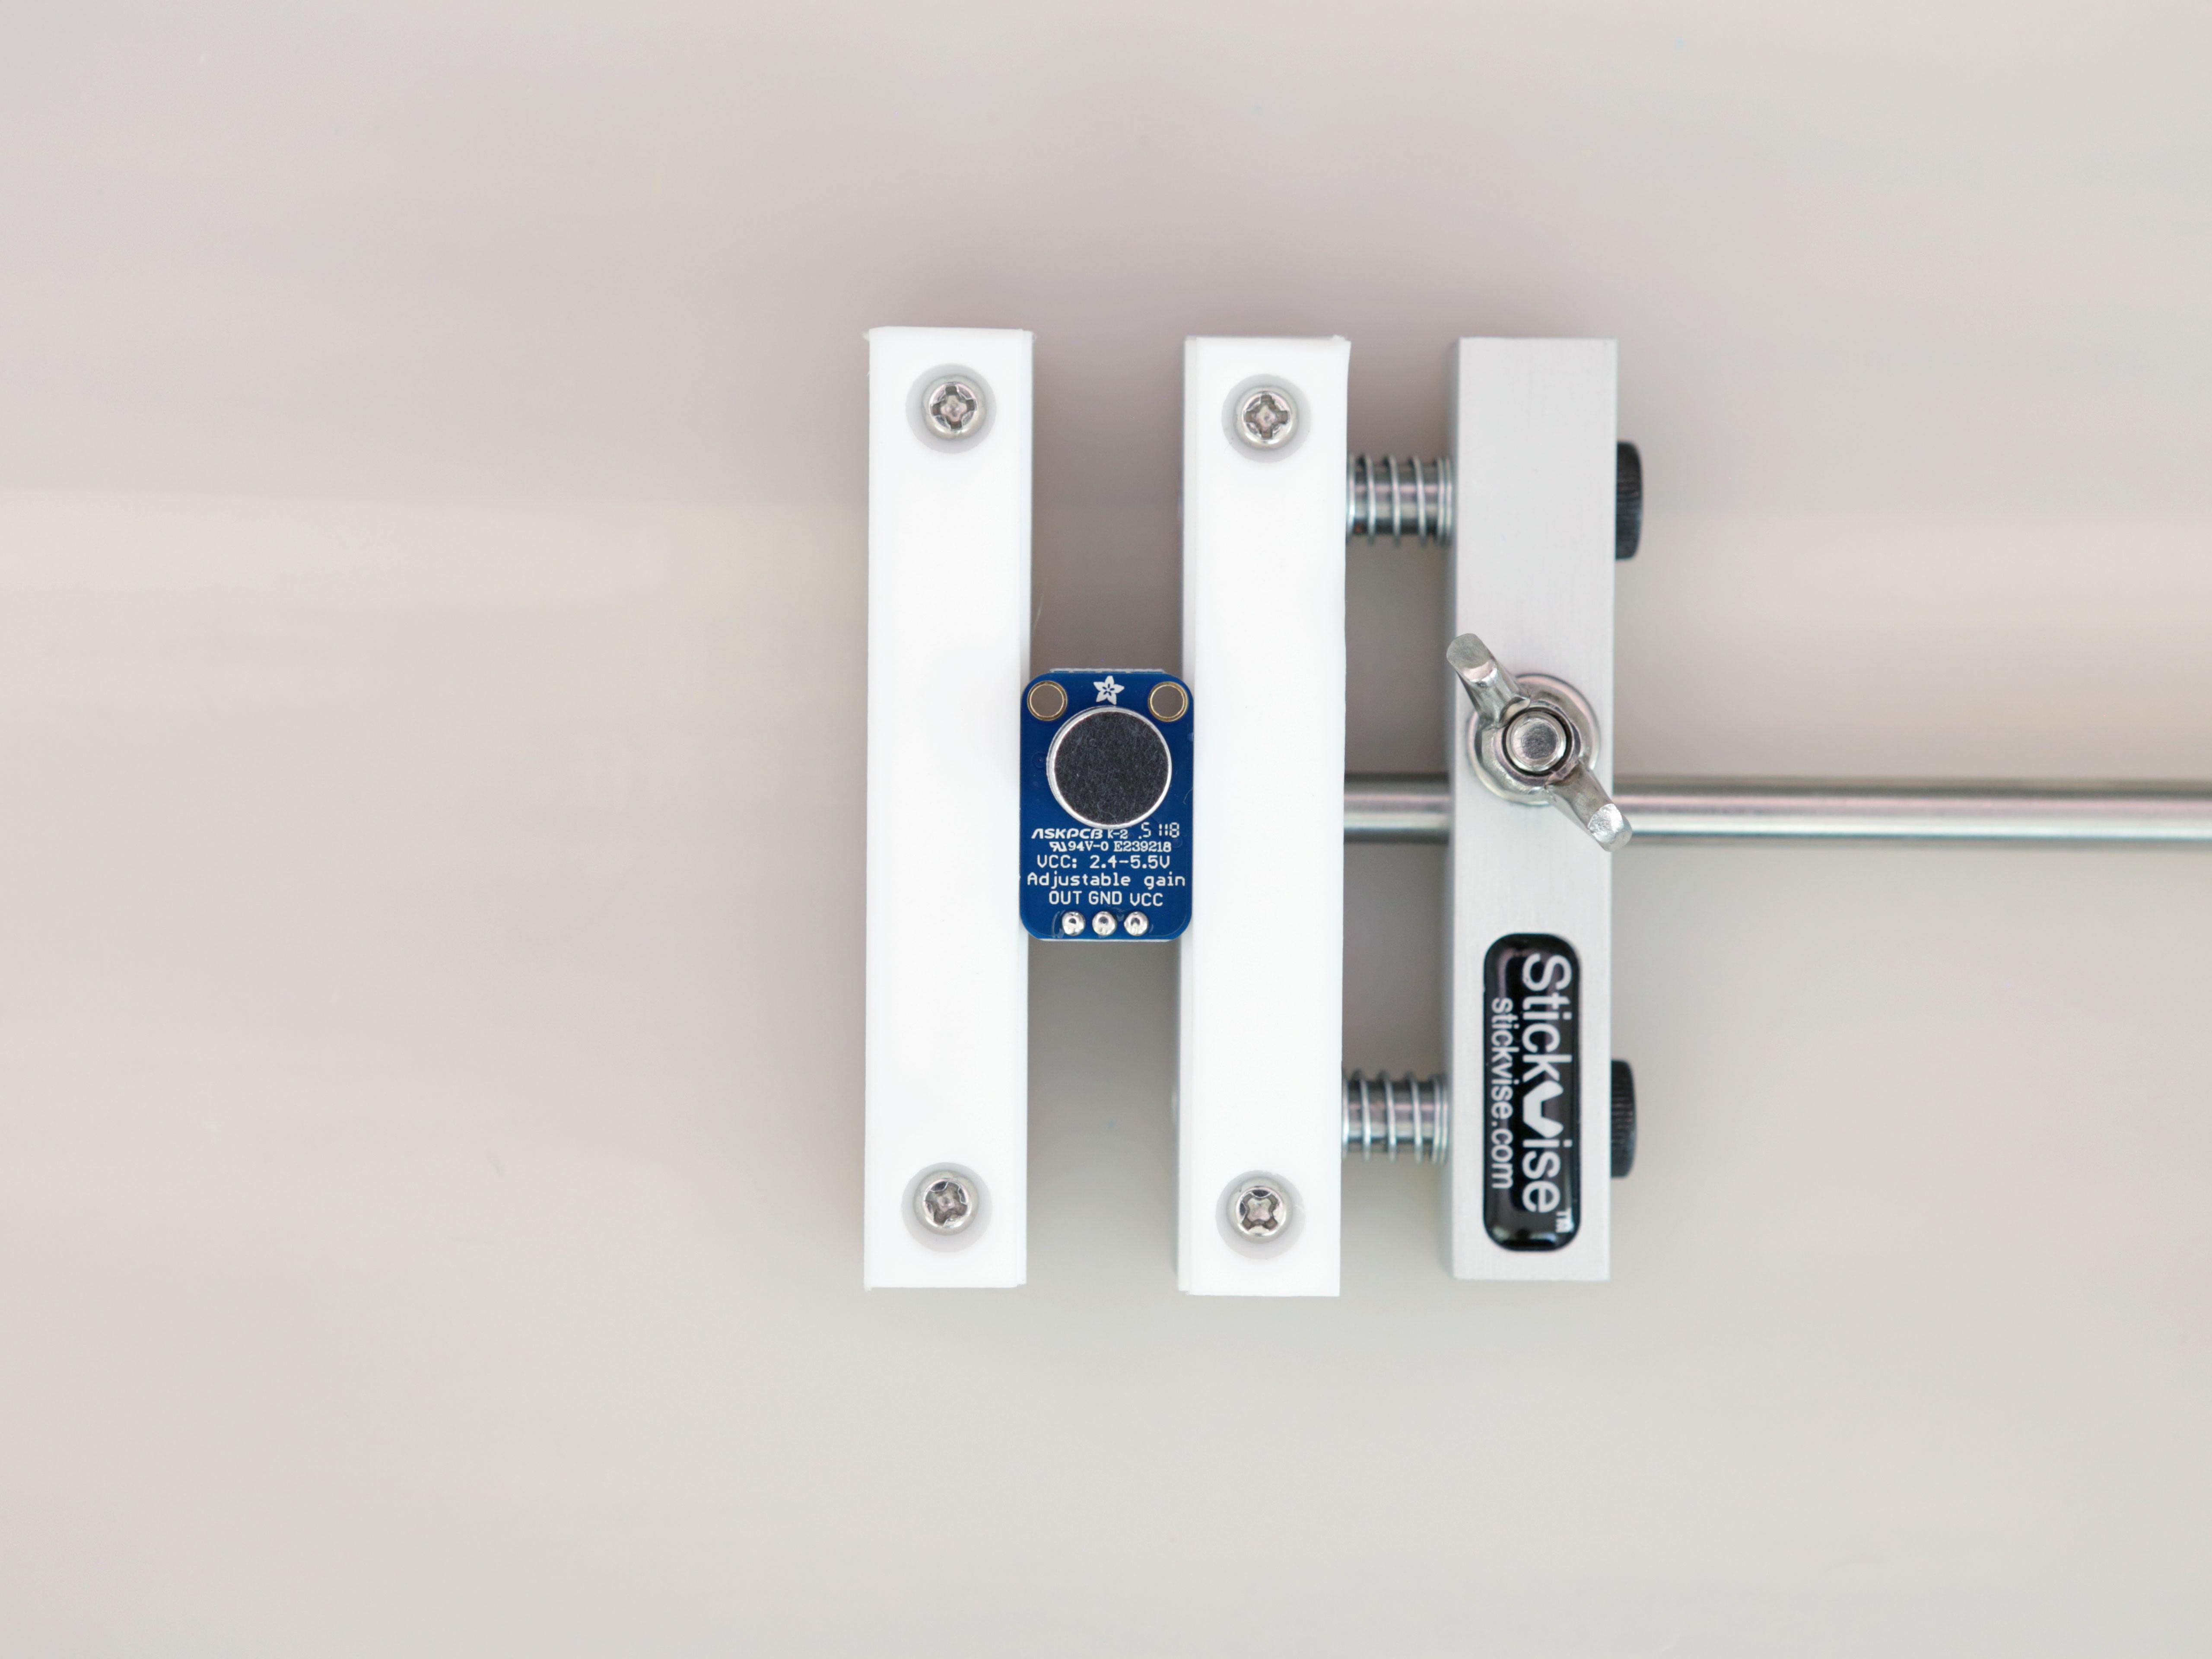 3d_printing_mic-stickvise-tinned.jpg